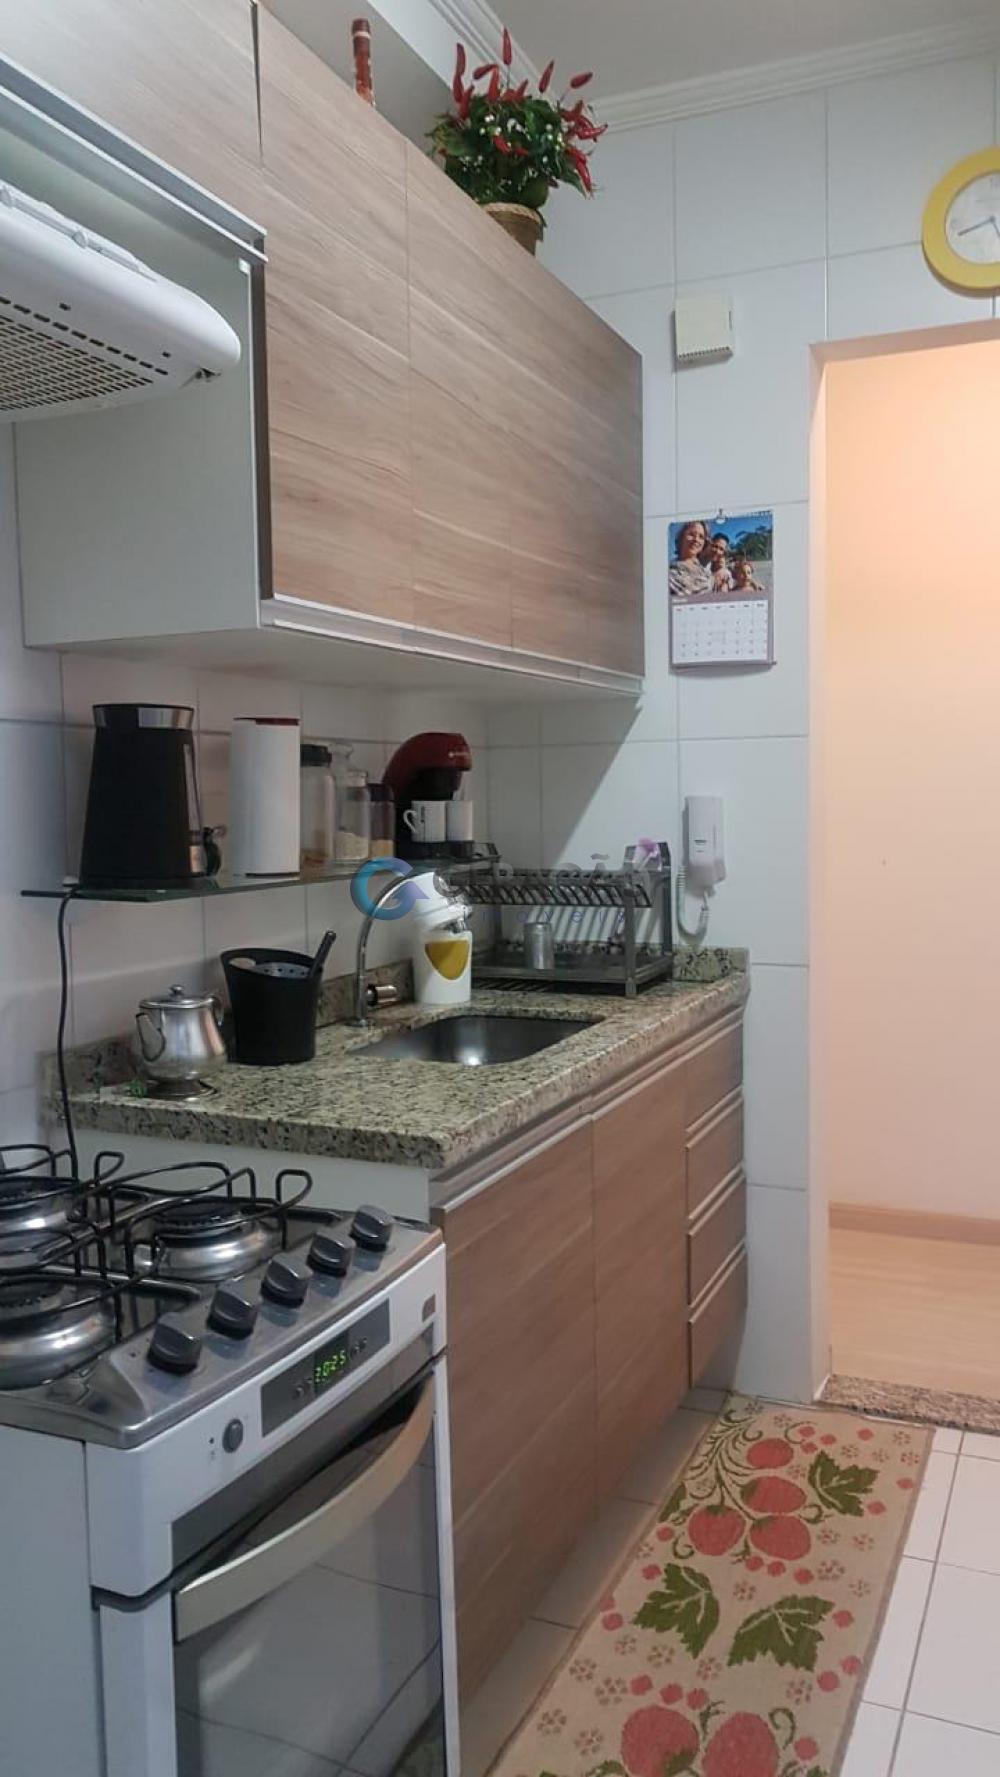 Comprar Apartamento / Padrão em São José dos Campos R$ 340.000,00 - Foto 15